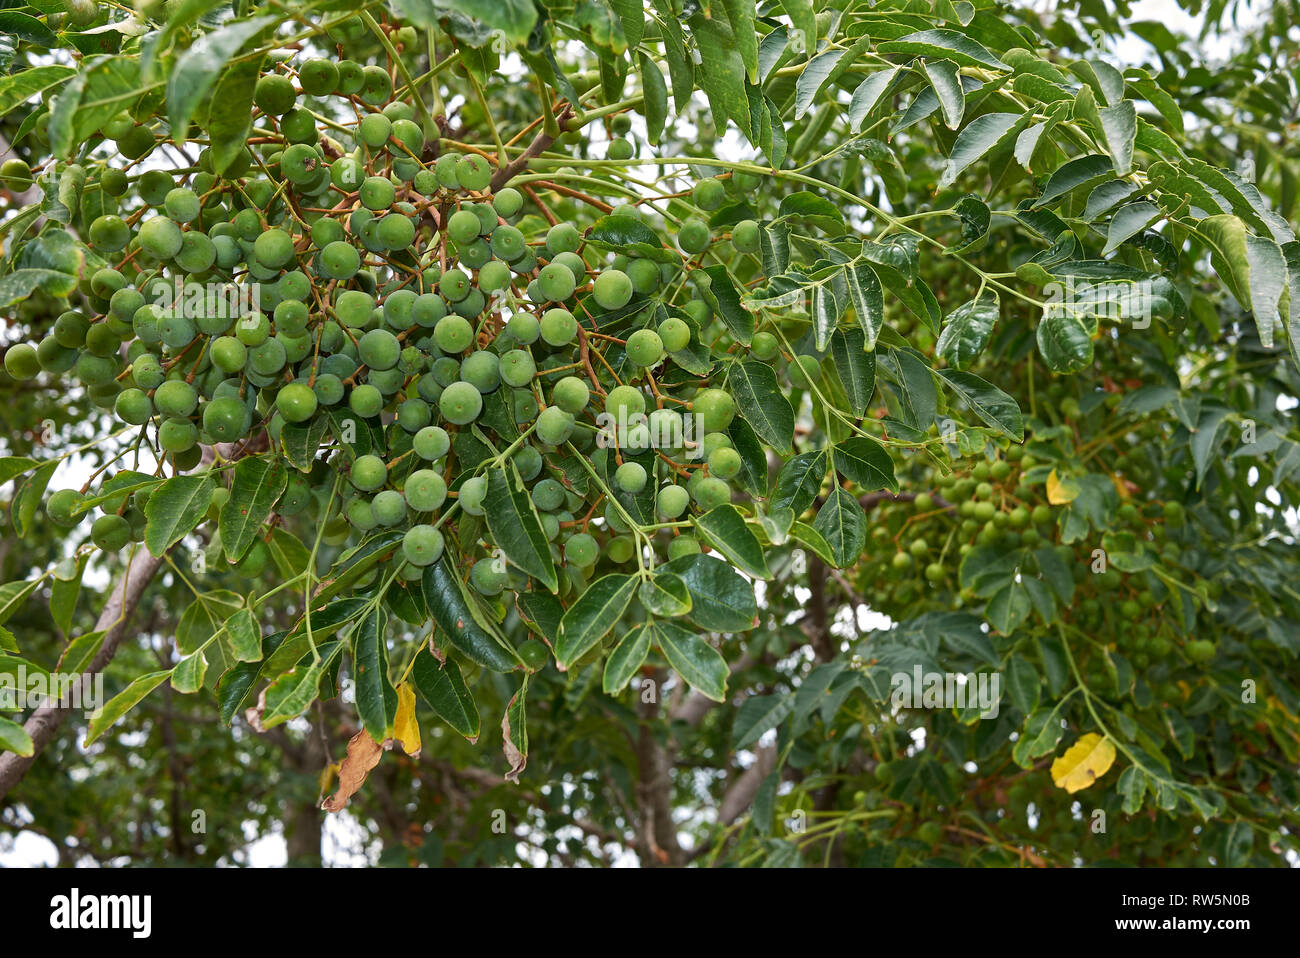 Melia azedarach branch with fruit Stock Photo: 239227419 - Alamy